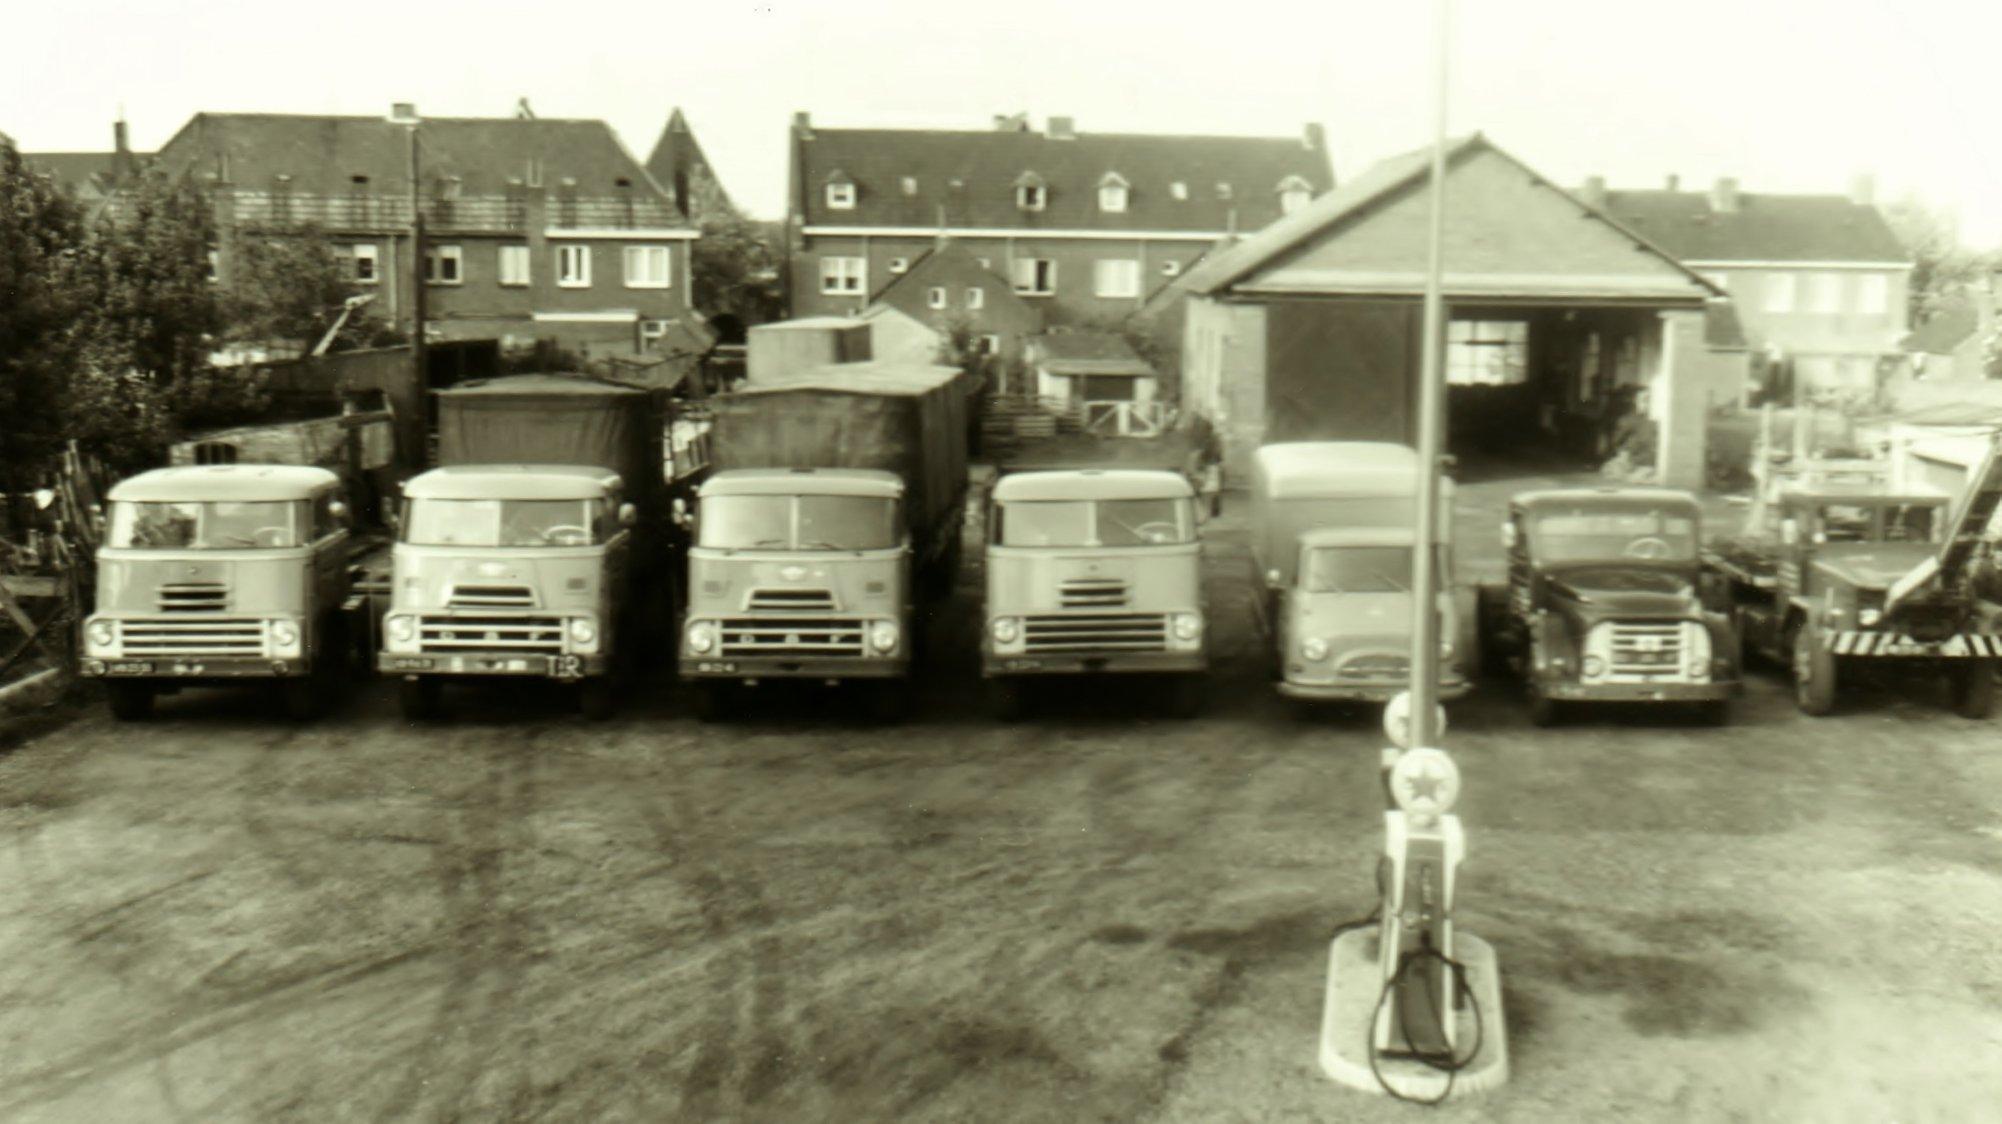 Ewals-Steyl-Tegelen--met-in-de-rechterhoek-een-REO-M35-waarmee-destijds-in-Tegelen-het-takelwerk-werd-verricht-bij-verkeersongelukken--Harrie-Schreurs-archief-